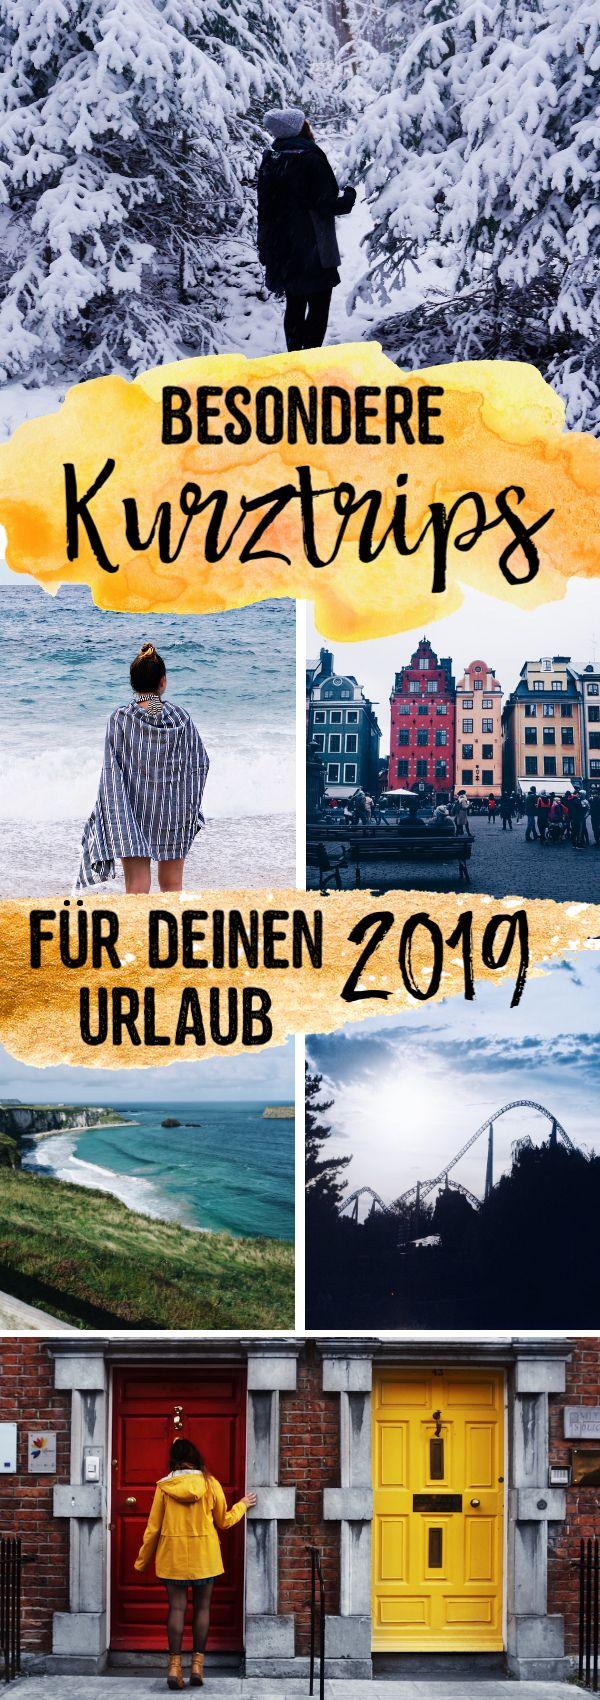 Besondere Kurztrips für deinen Urlaub 2019